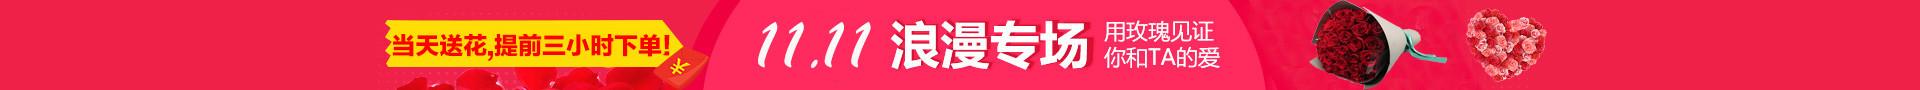 北京鲜花速递网欢迎您,北京网上花店订花、北京送花网,鲜花预订、鲜花速递,2小时免费送花上门,100%优质花材品质保证!